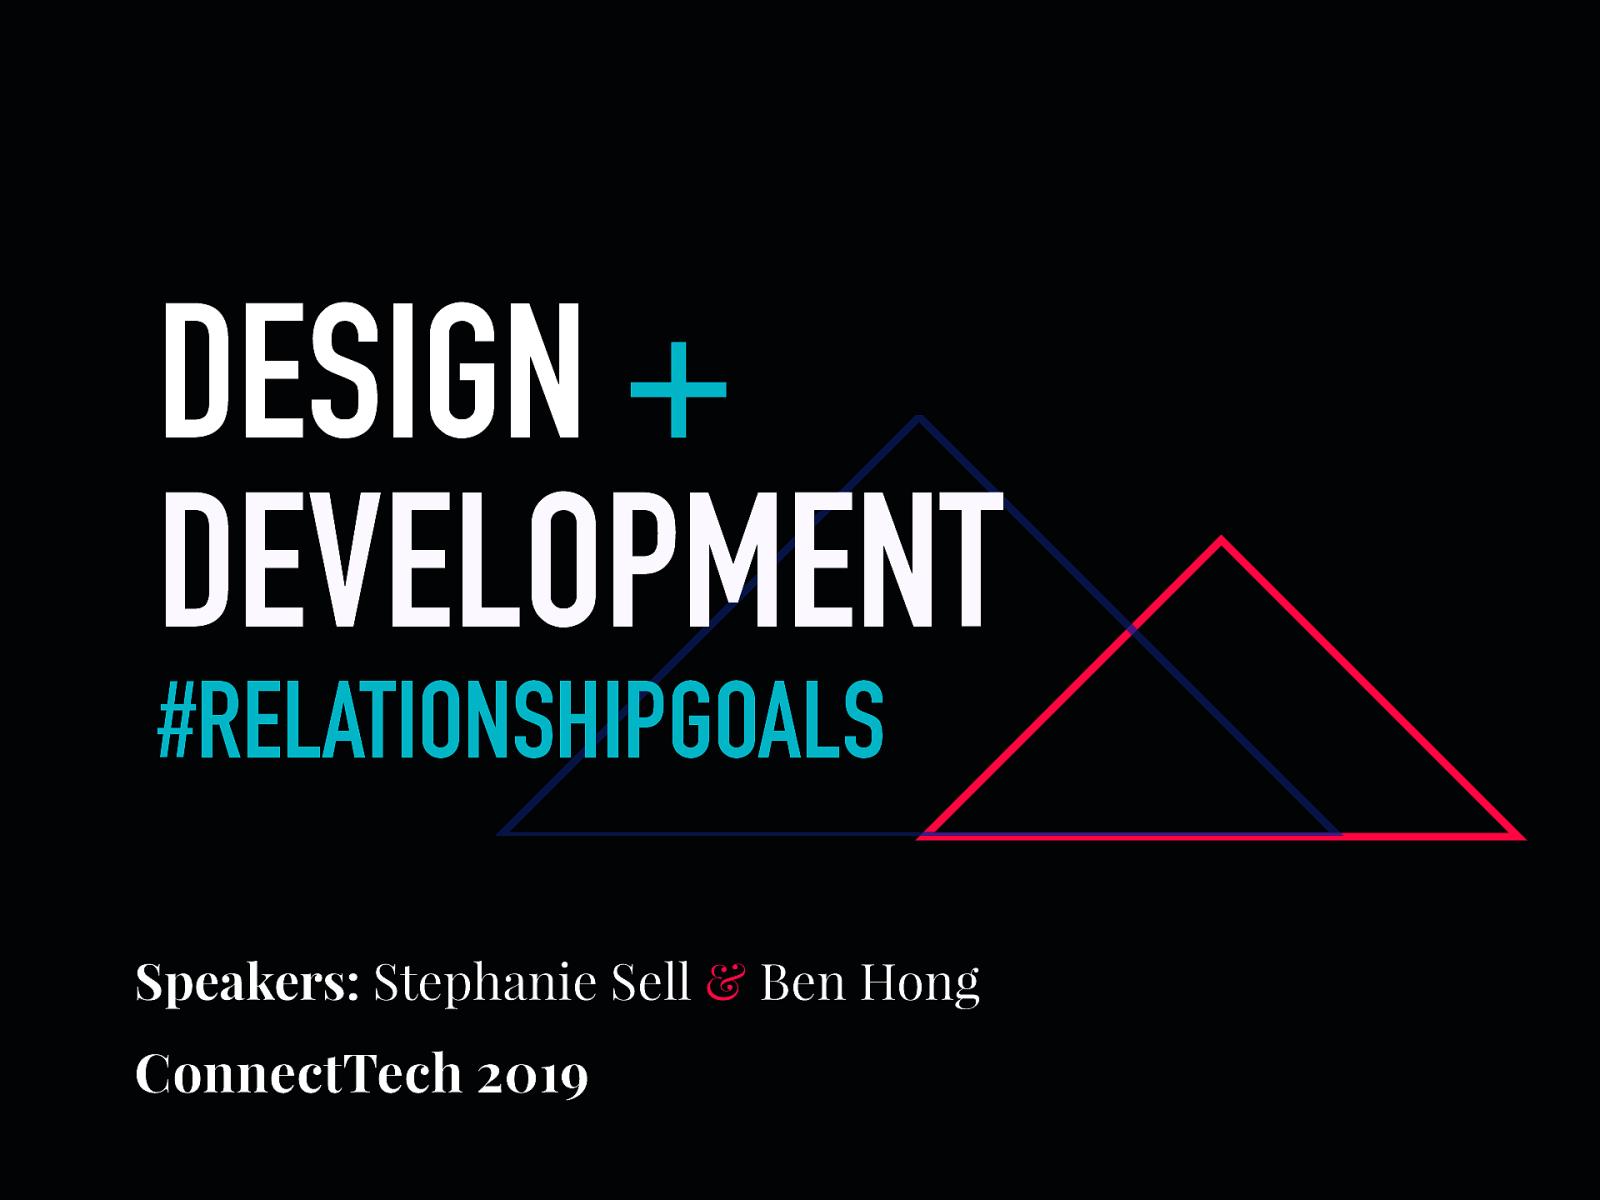 Designers & Developers: #RelationshipGoals